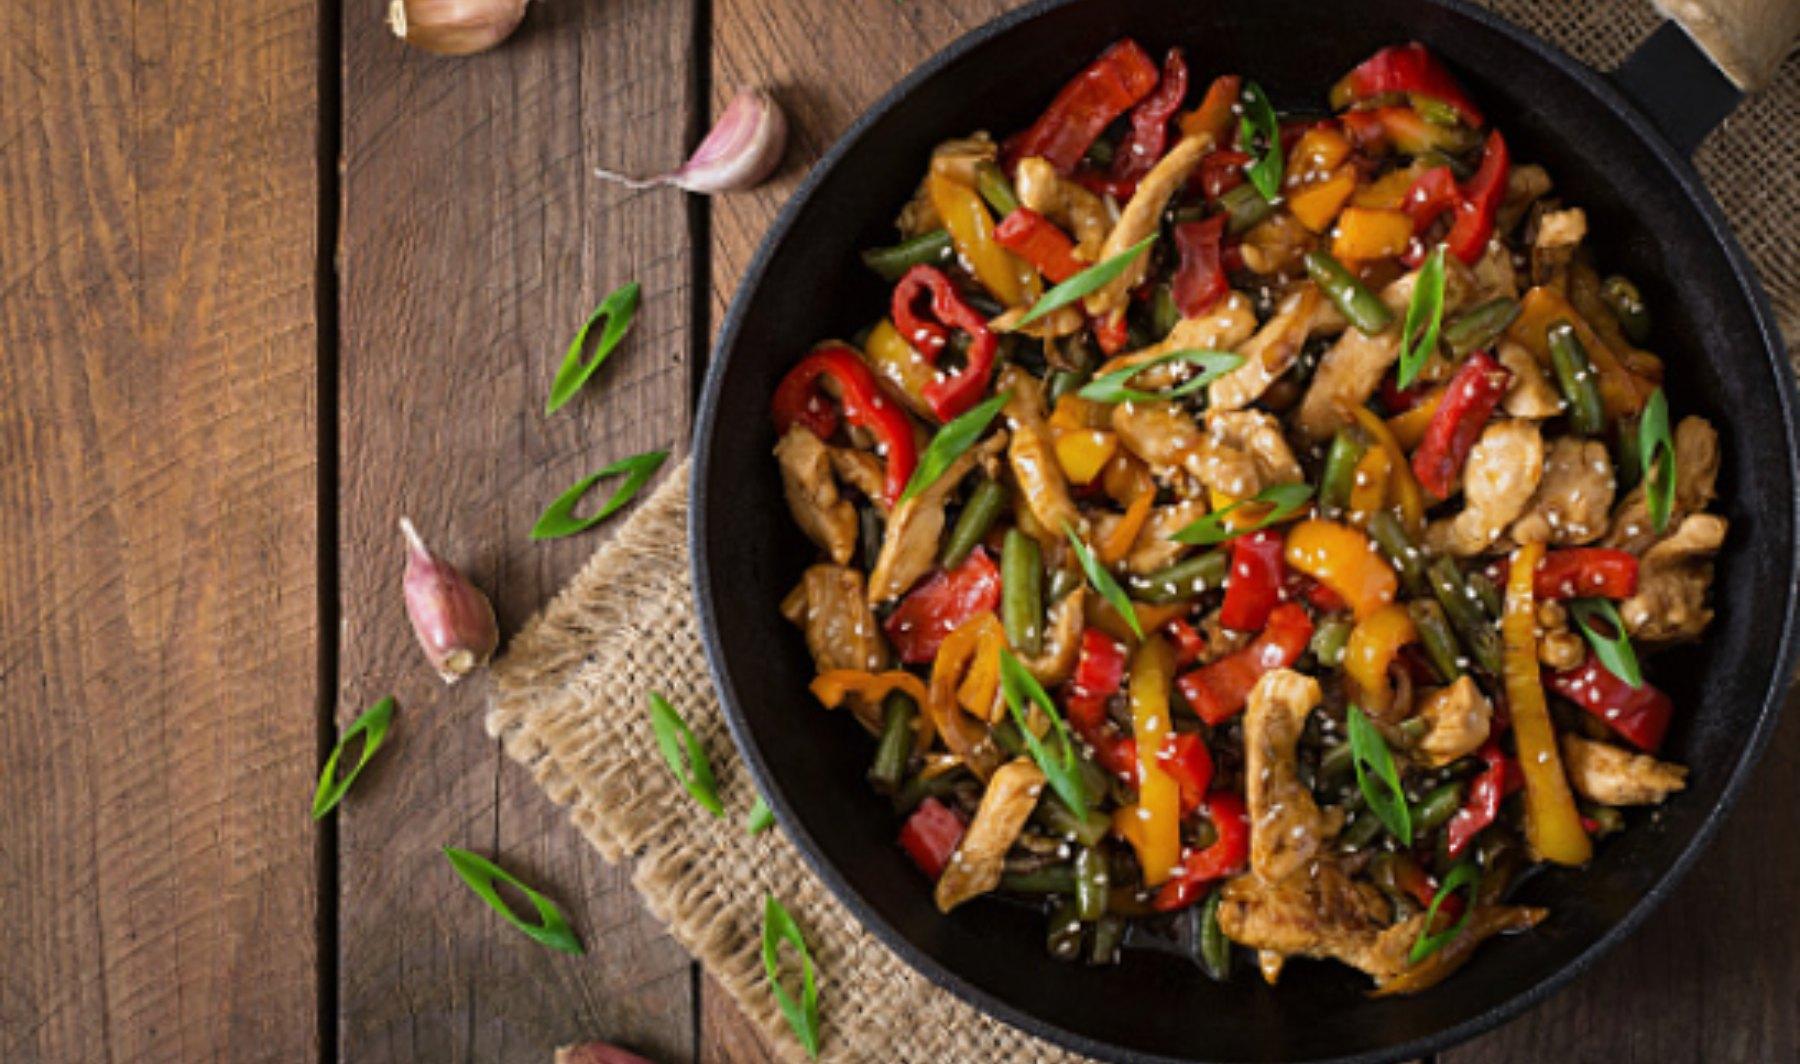 Verduras salteadas al más puro estilo chino